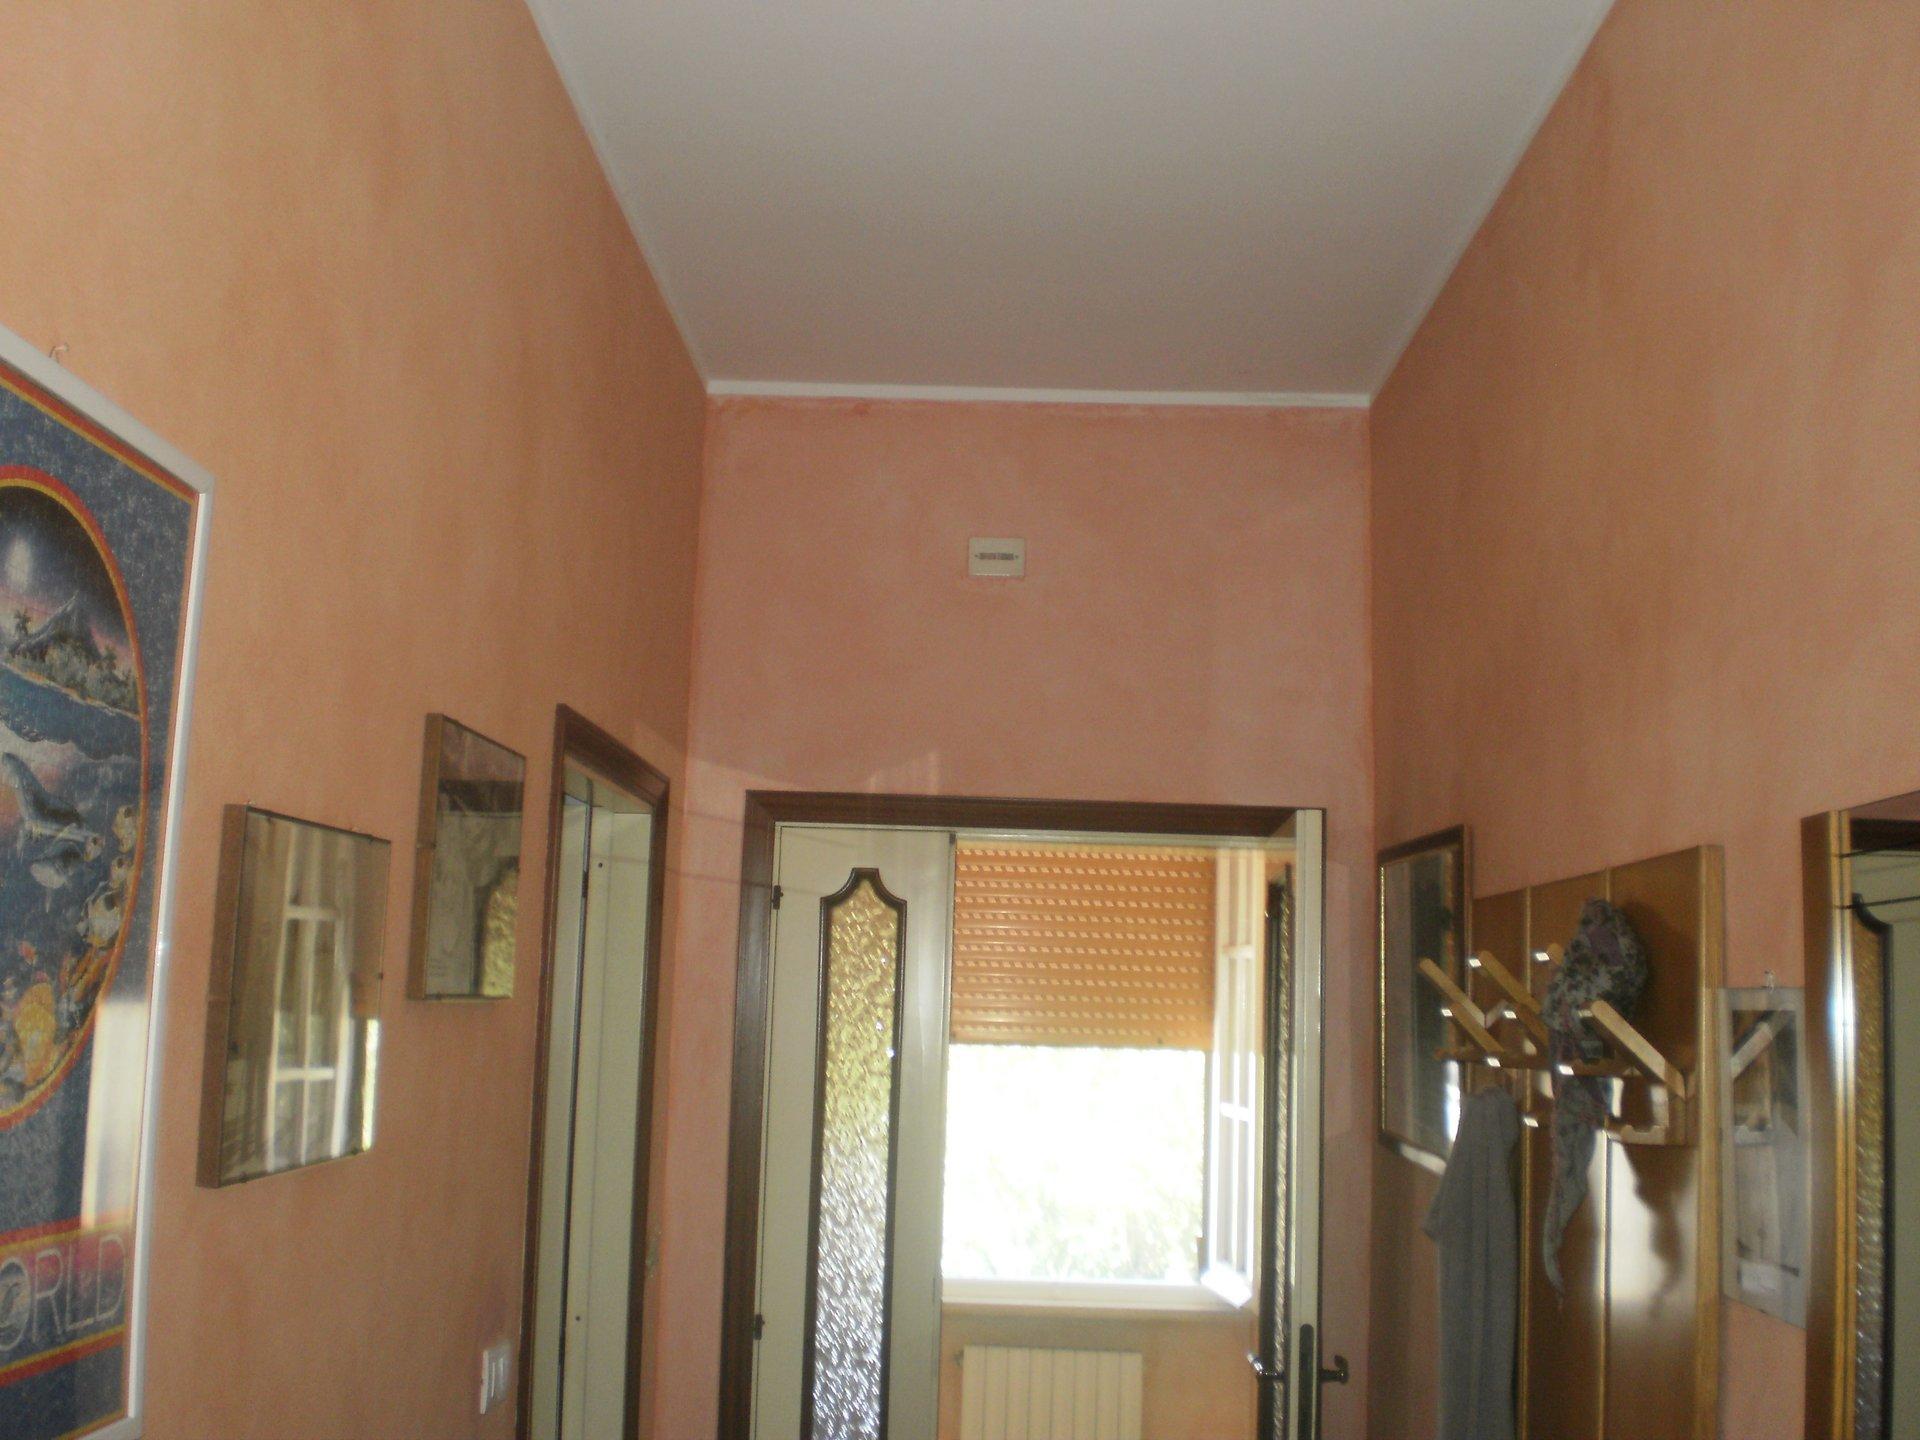 Ingresso e corridoio di una casa dipinto di colore salmon